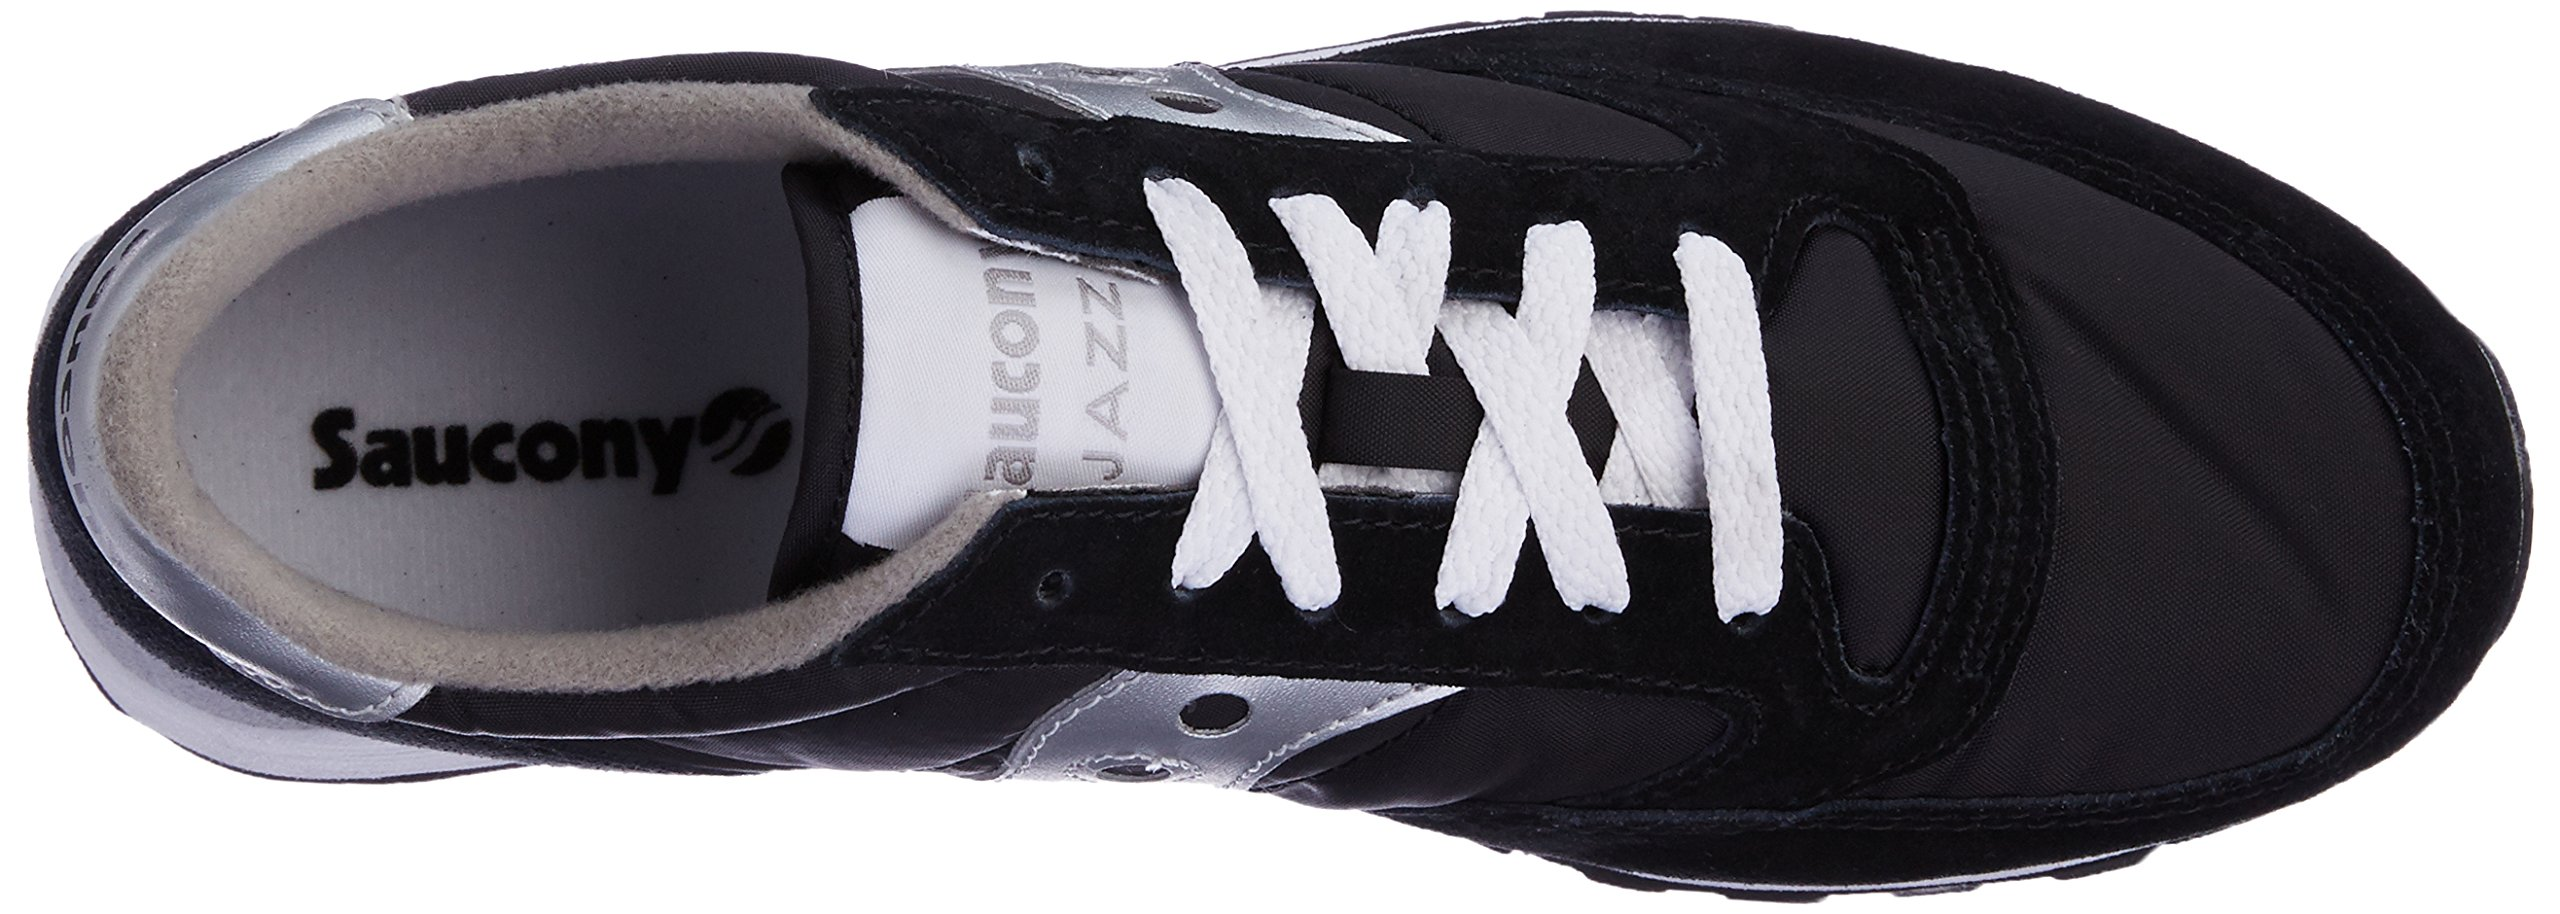 Saucony Originals Men's Jazz Sneaker,Black/Silver,10 M